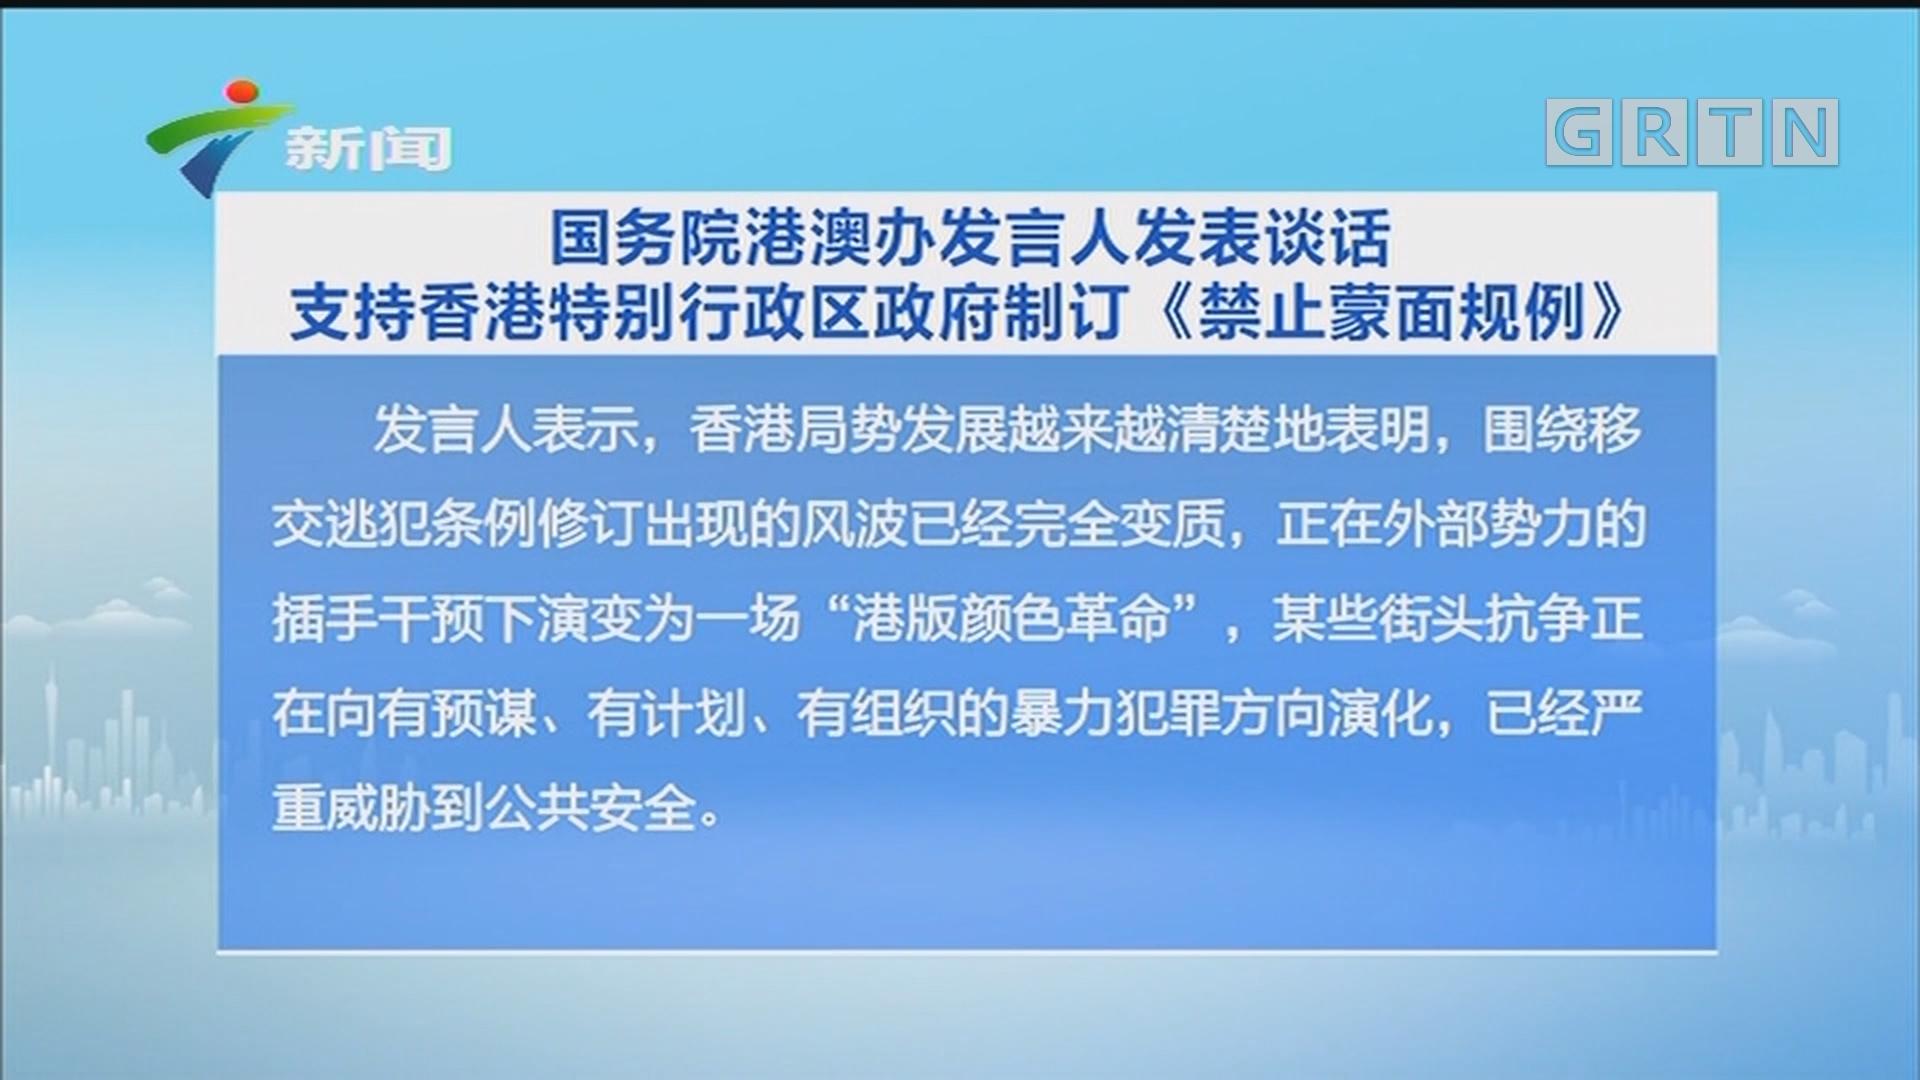 国务院港澳办发言人发表谈话 支持香港特别行政区政府制订《禁止蒙面规例》